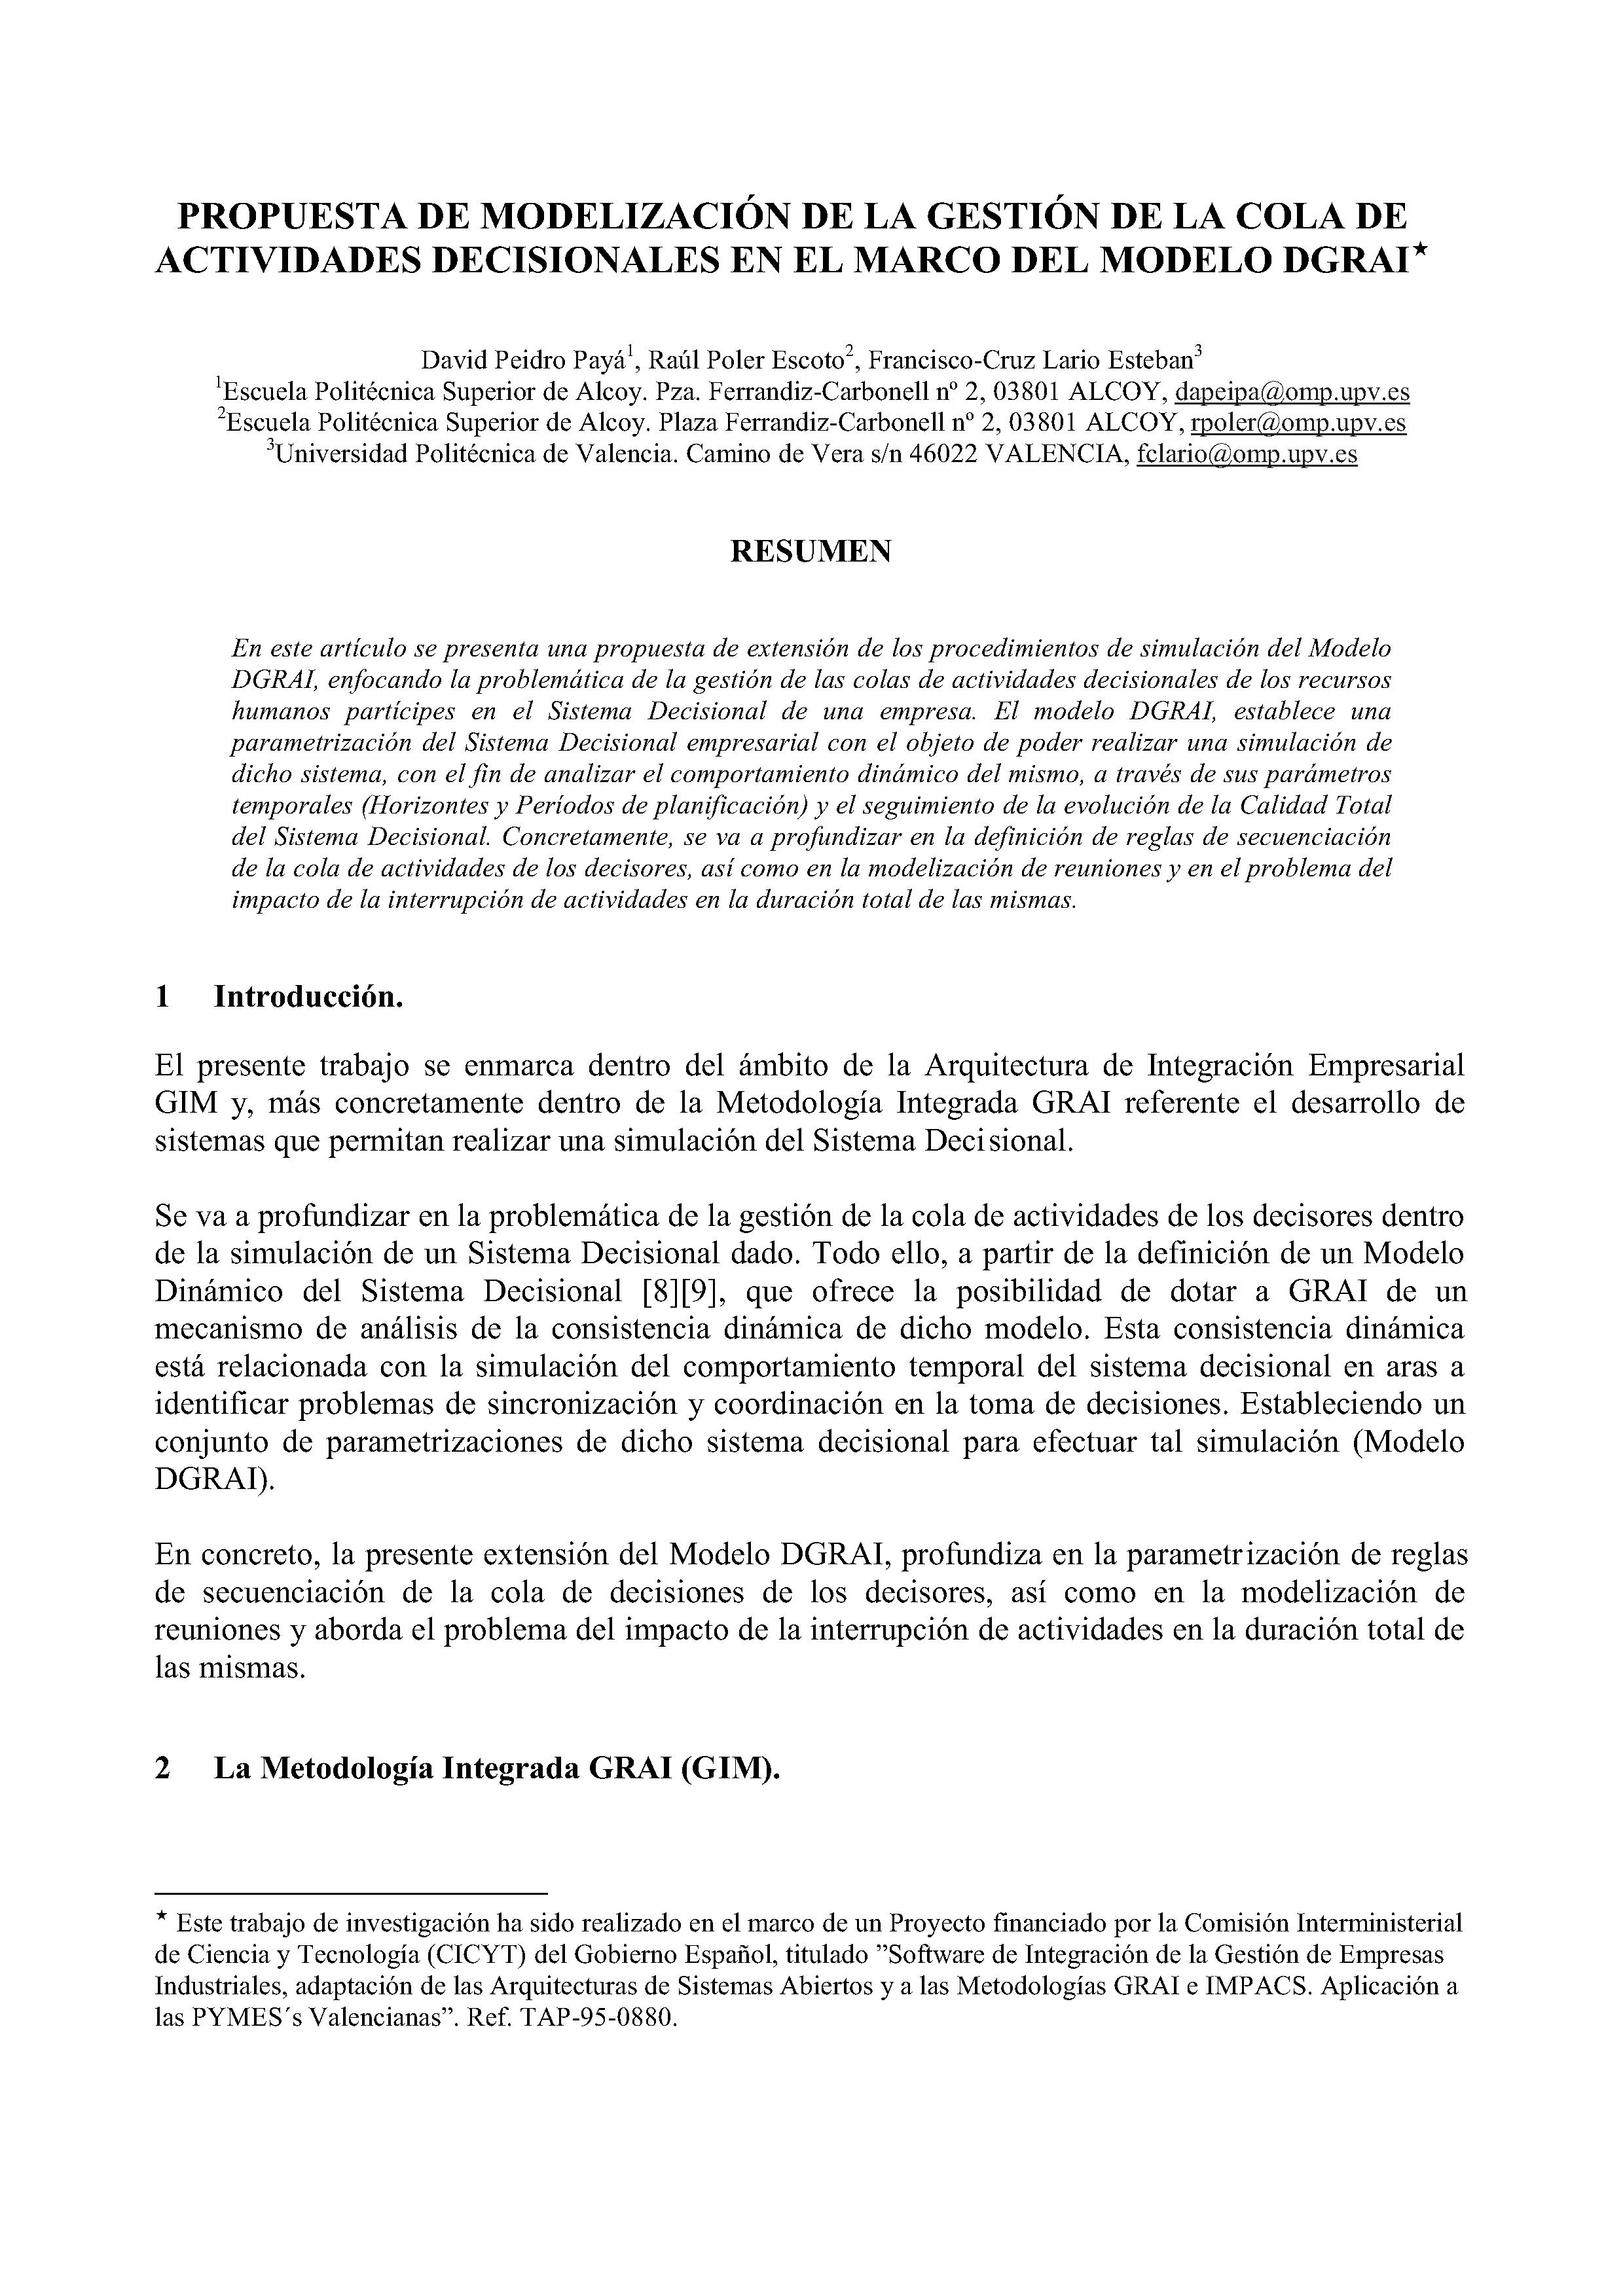 PROPUESTA DE MODELIZACIÓN DE LA GESTIÓN DE LA COLA DE ACTIVIDADES DECISIONALES EN EL MARCO DEL MODELO DGRAI*